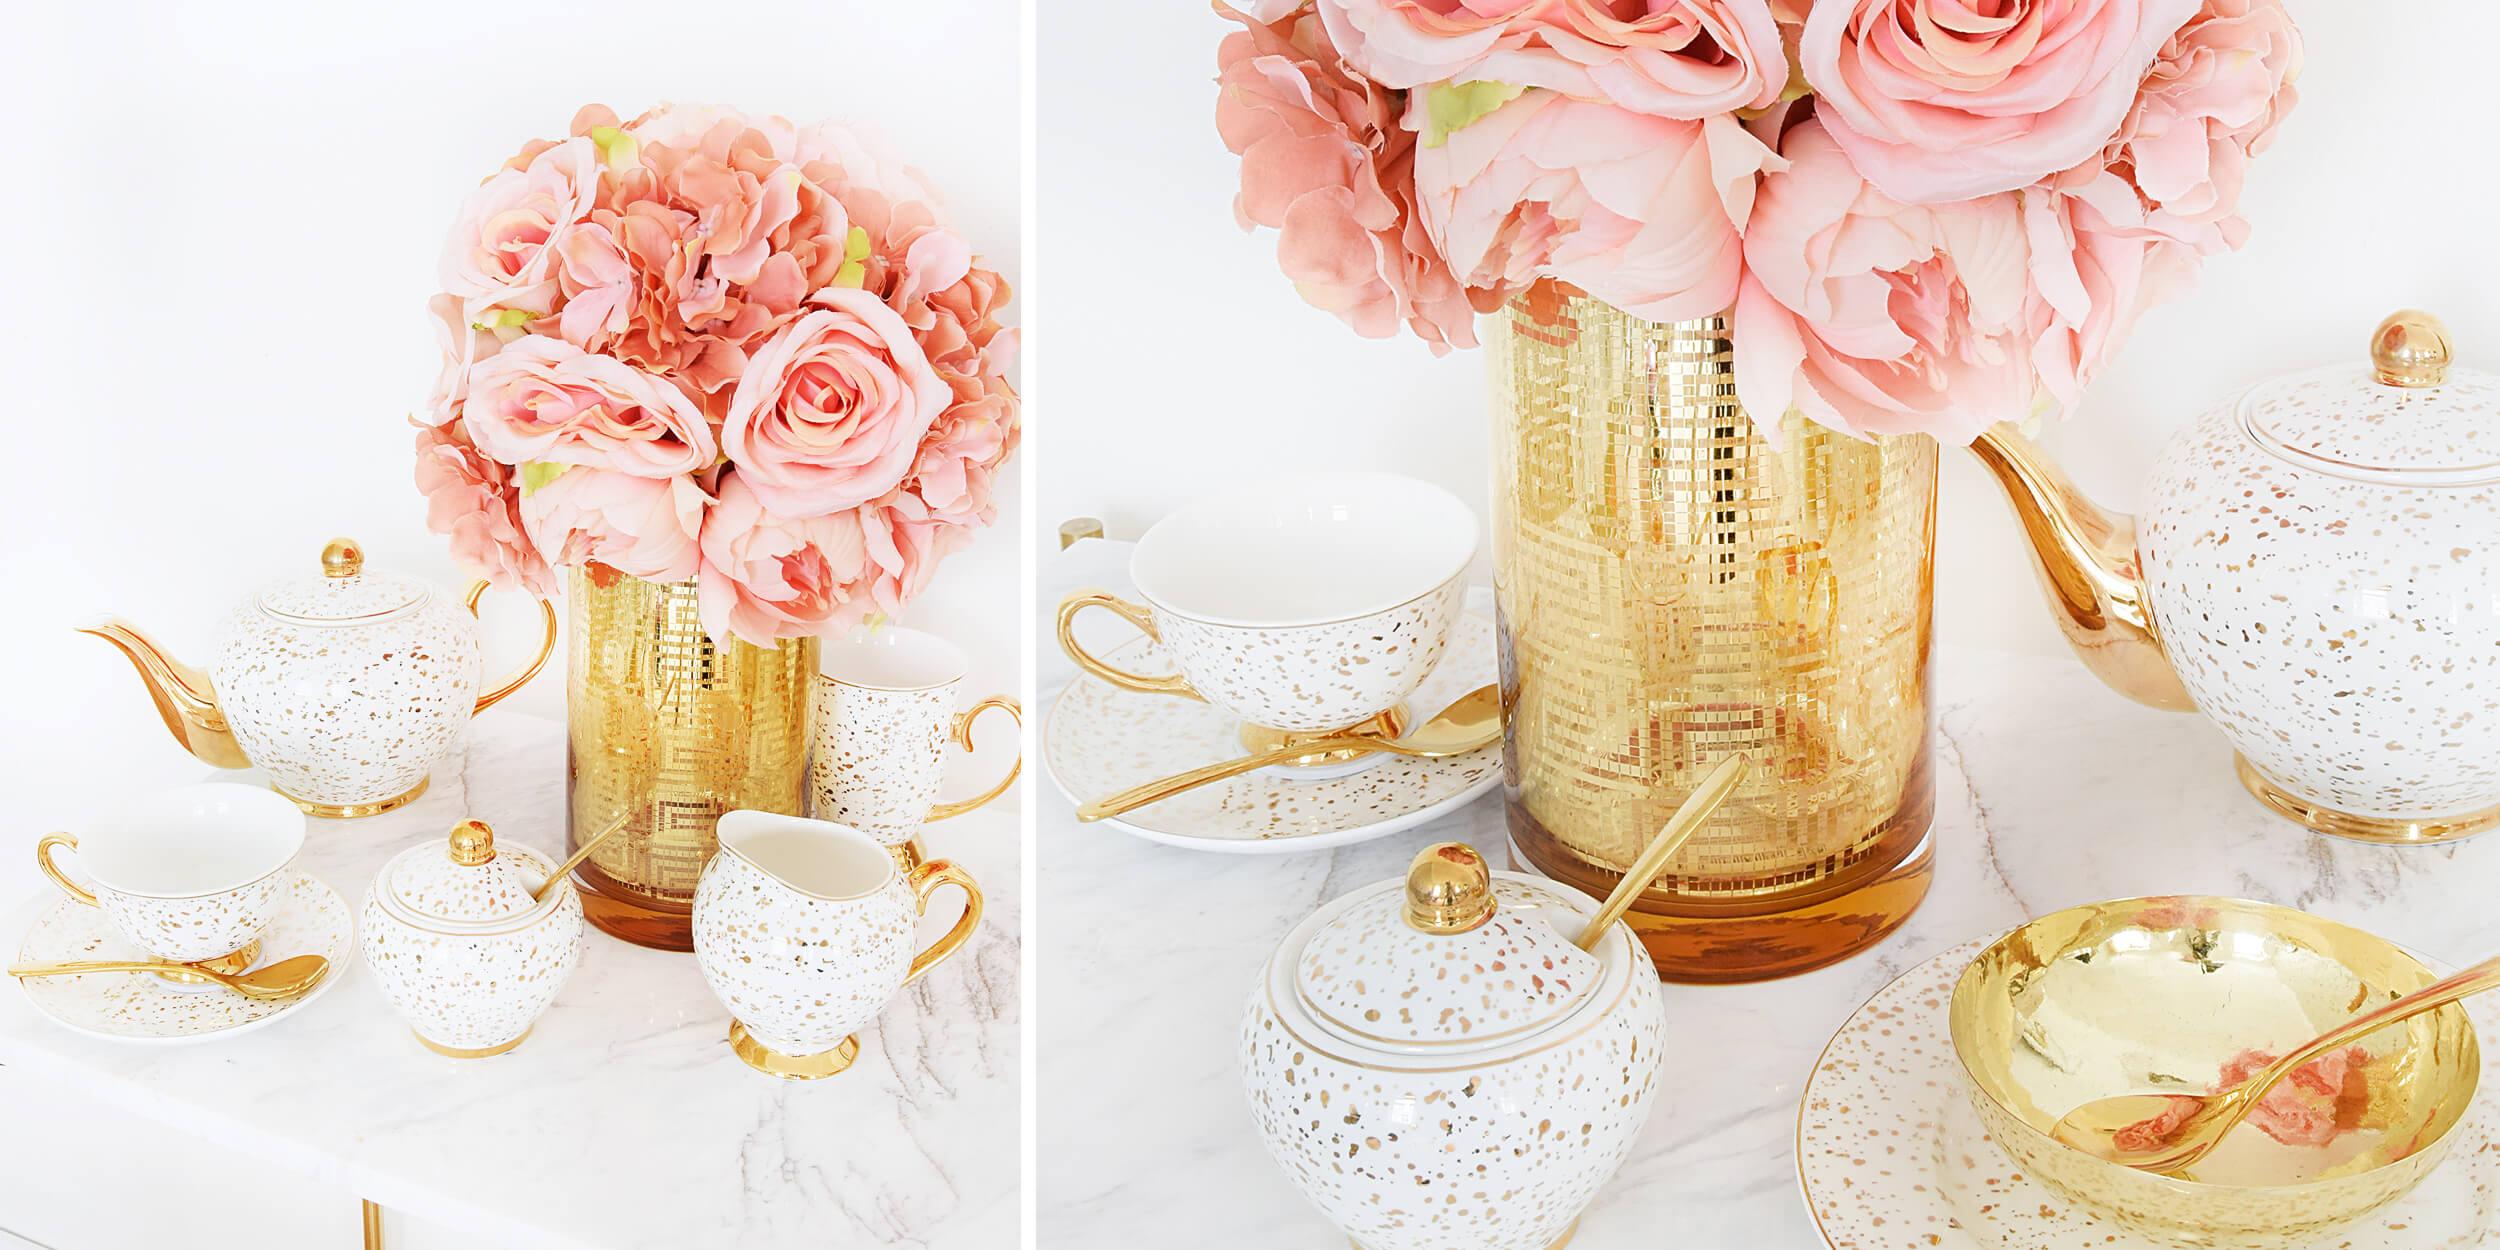 Tea Time mit Frühlingsflair